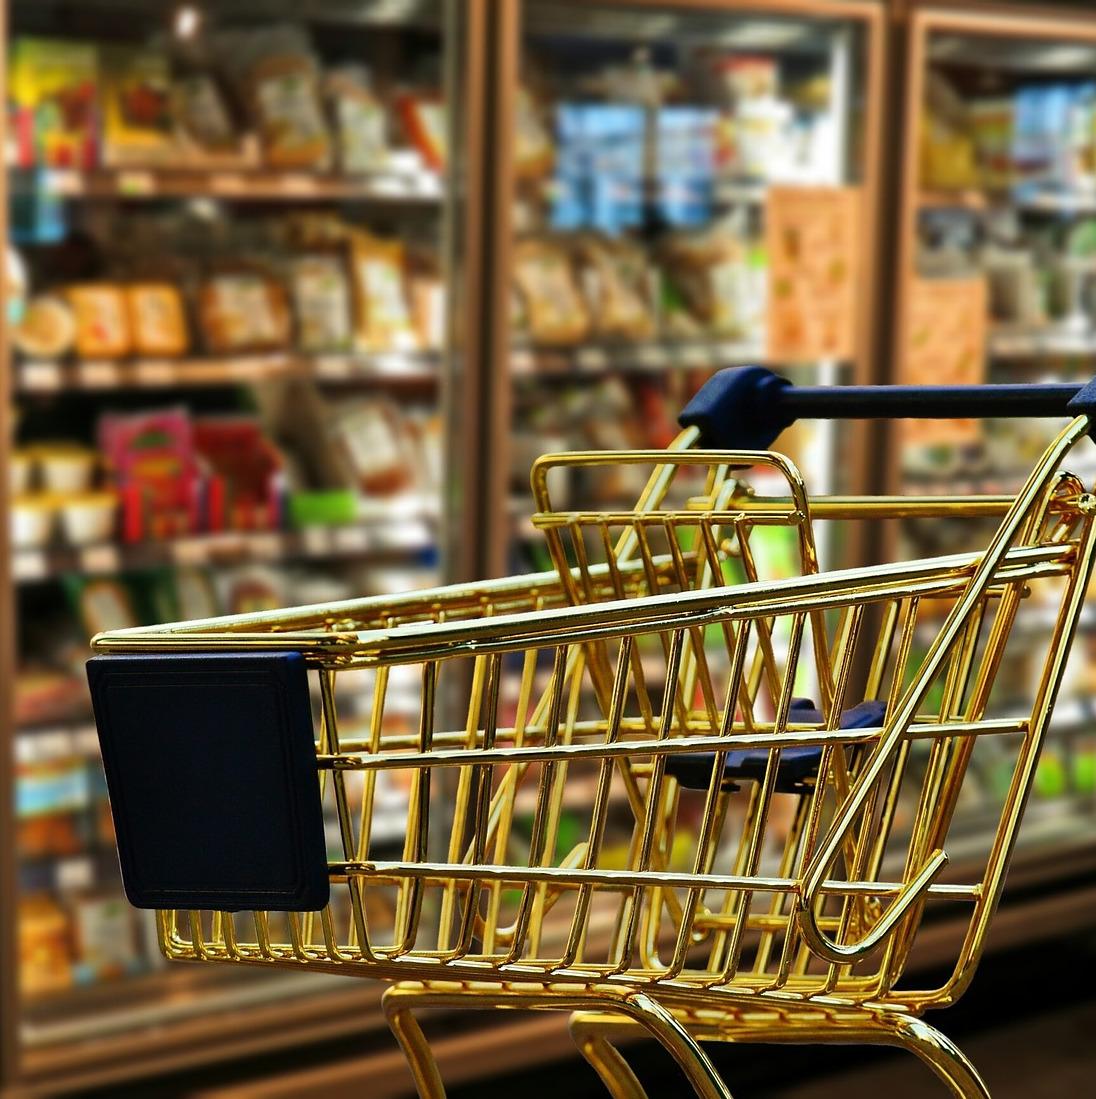 Lebensmittel und Genussmittel einkaufen in Eilbek